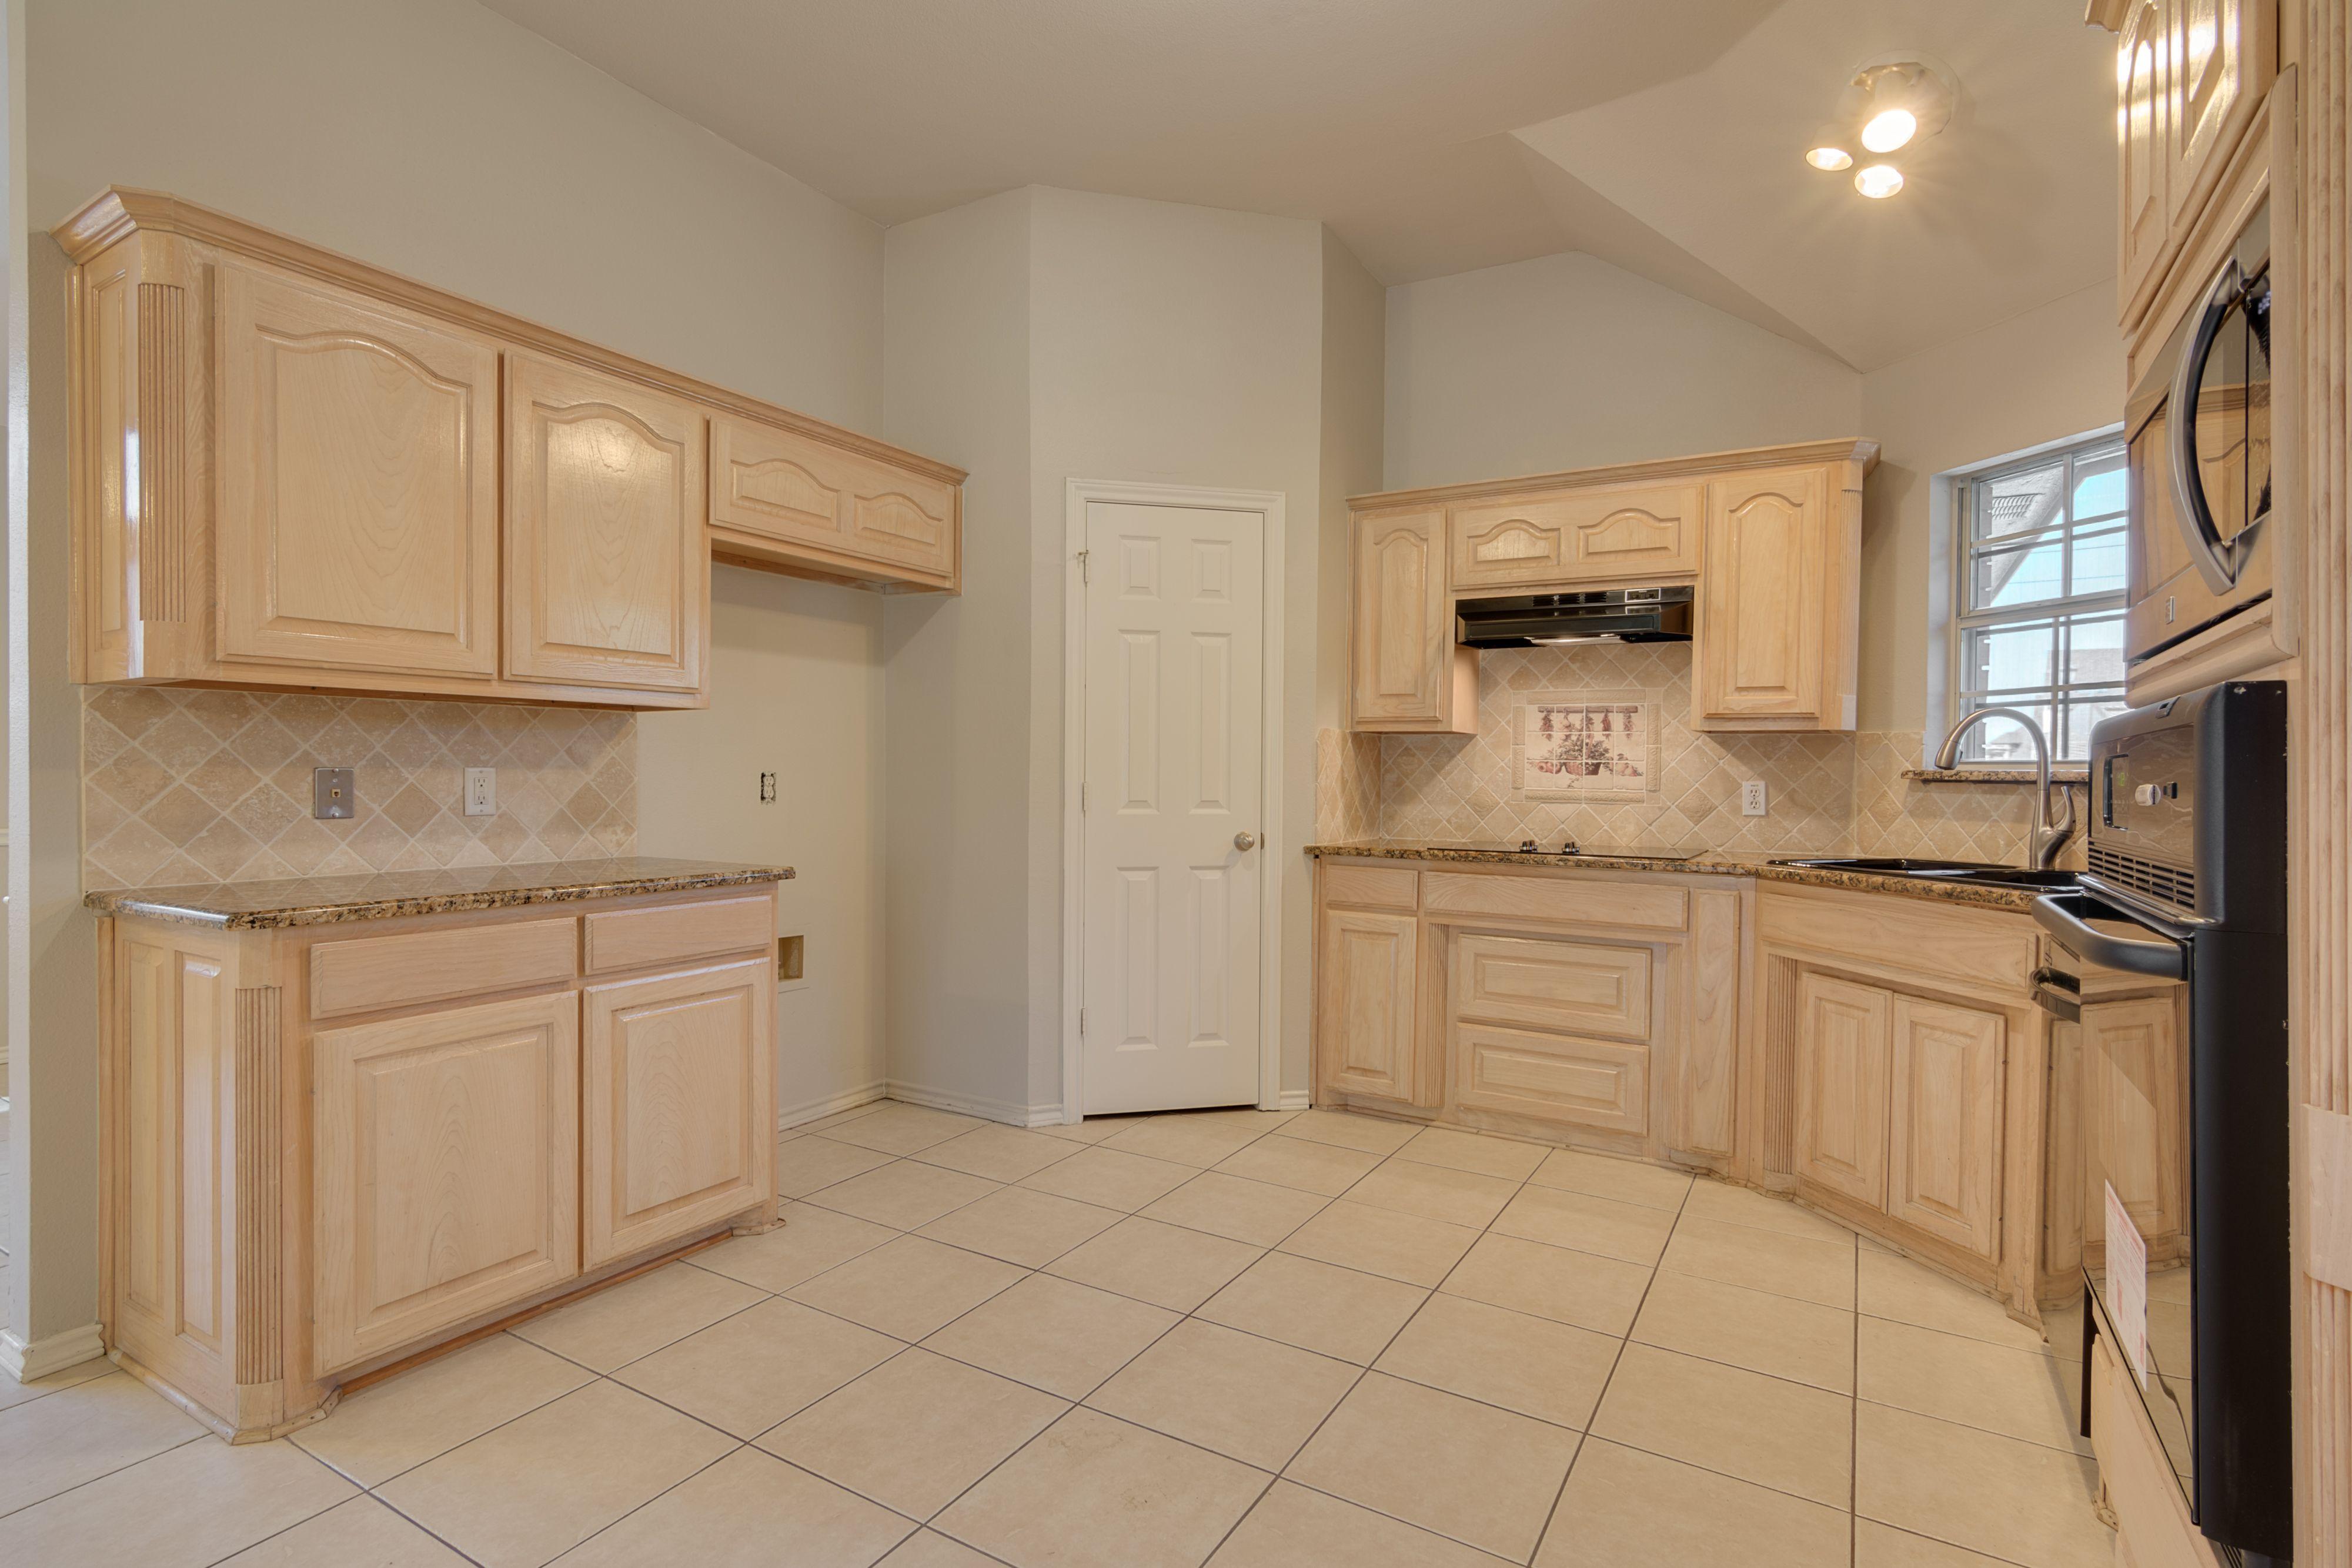 new homes in prosper texas under 300k